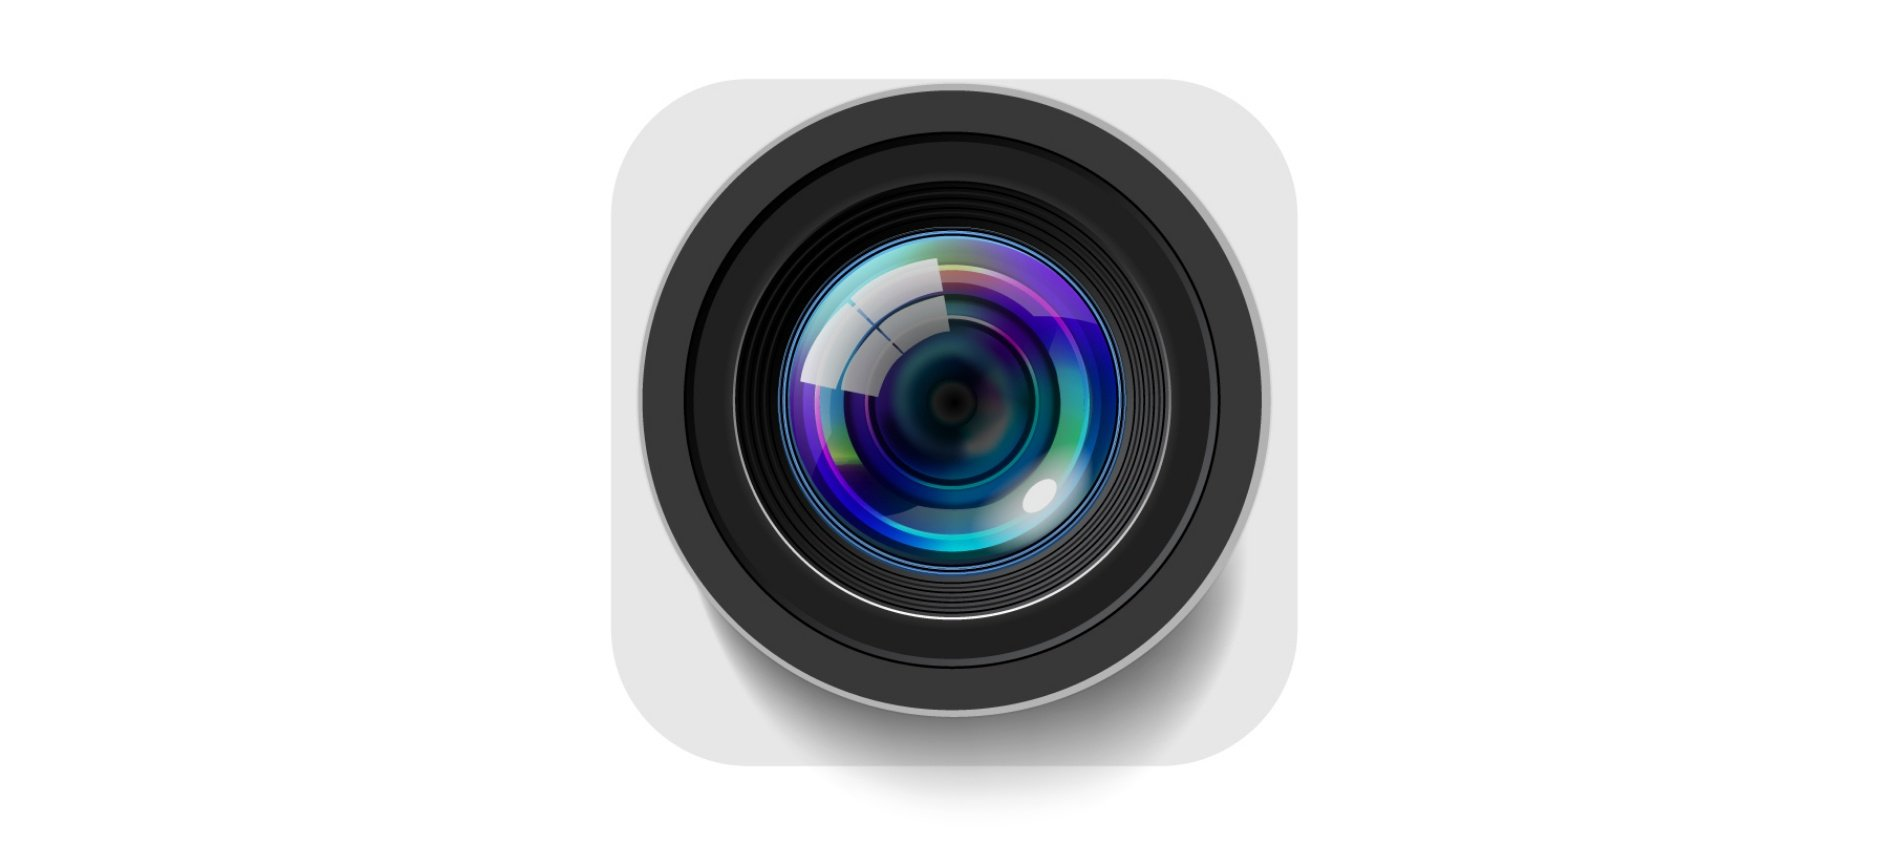 Aplicaciones para editar fotos: Lista de apps gratuitas y de pago